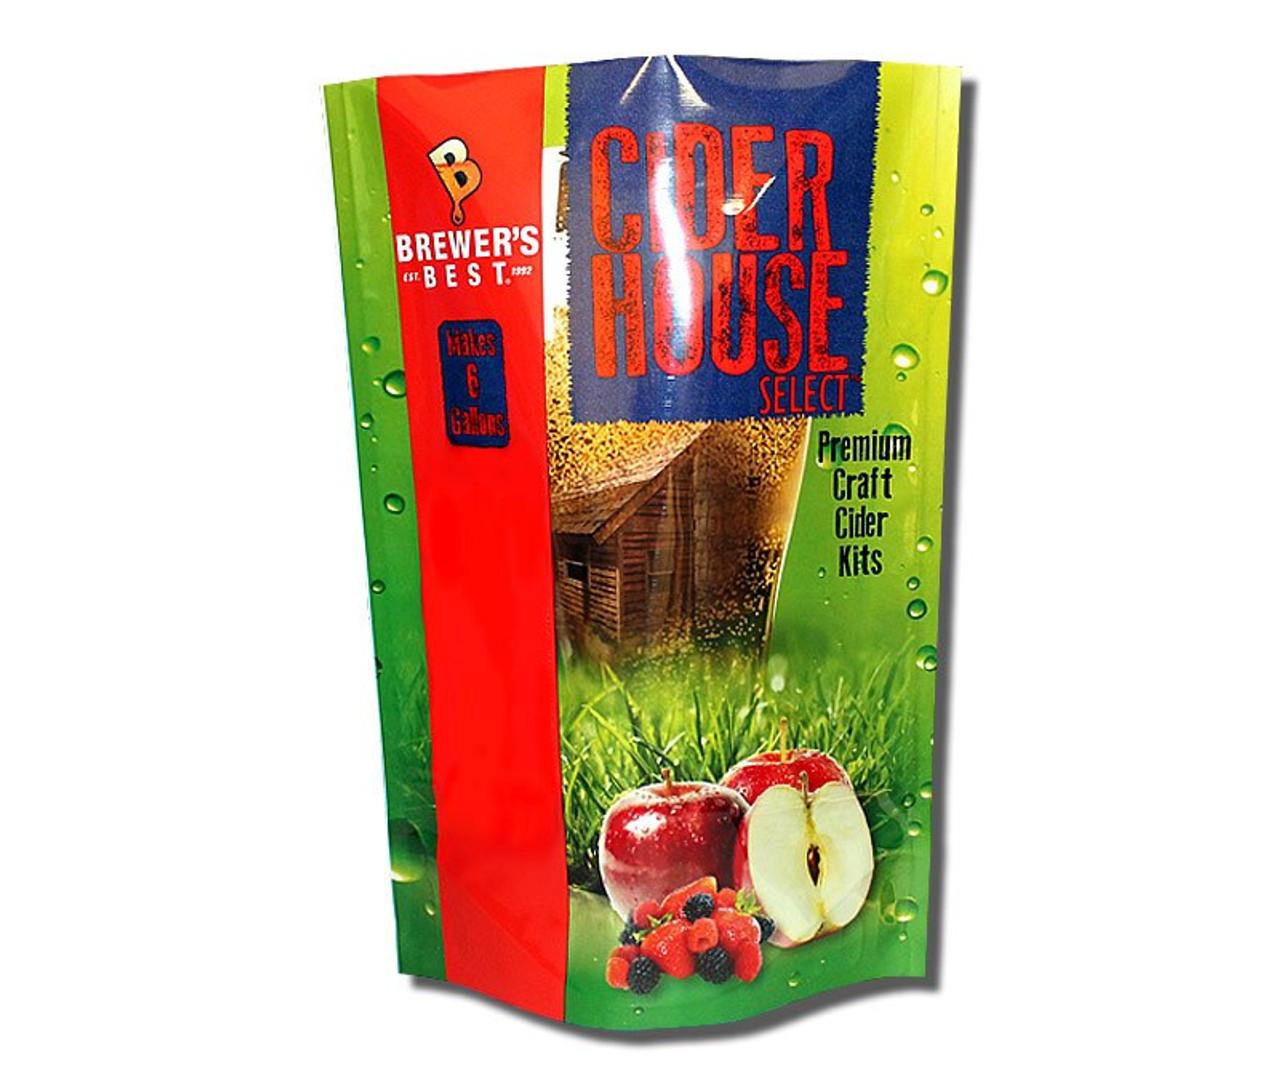 Cider House Select Pear Cider Making Kit